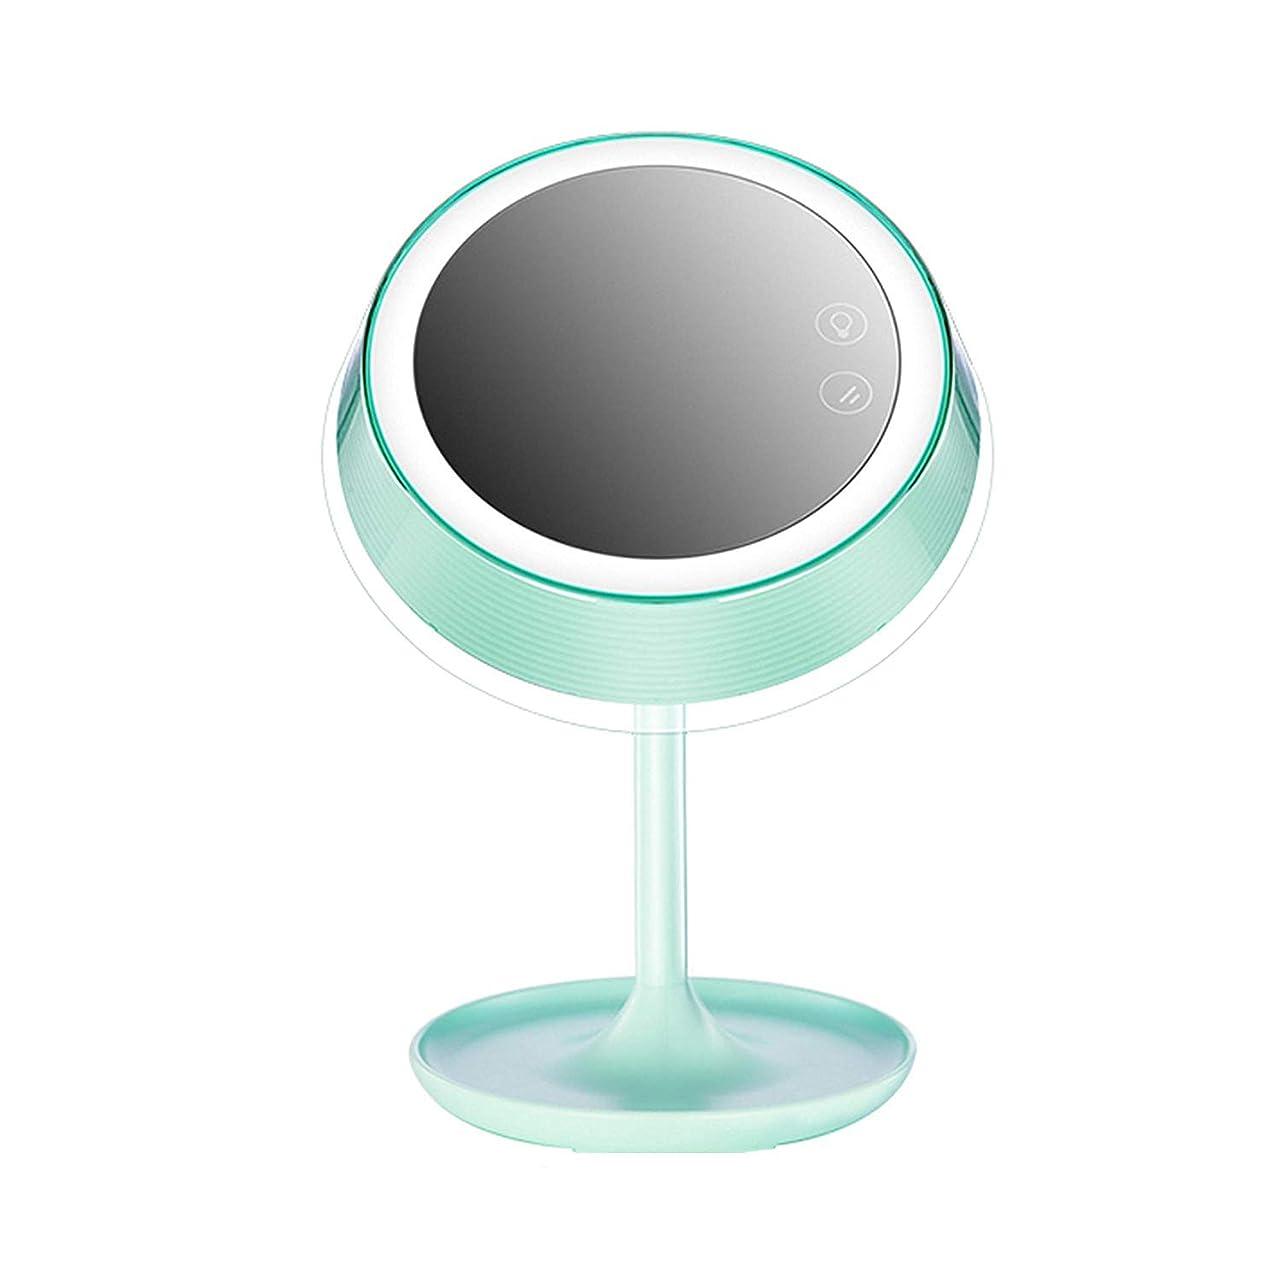 人に関する限りシュートエミュレートするLEDインテリジェントフィルライト化粧鏡点灯テーブルランプ寝室化粧料プラスチックミラーラウンドミラー収納トレイ付き,B